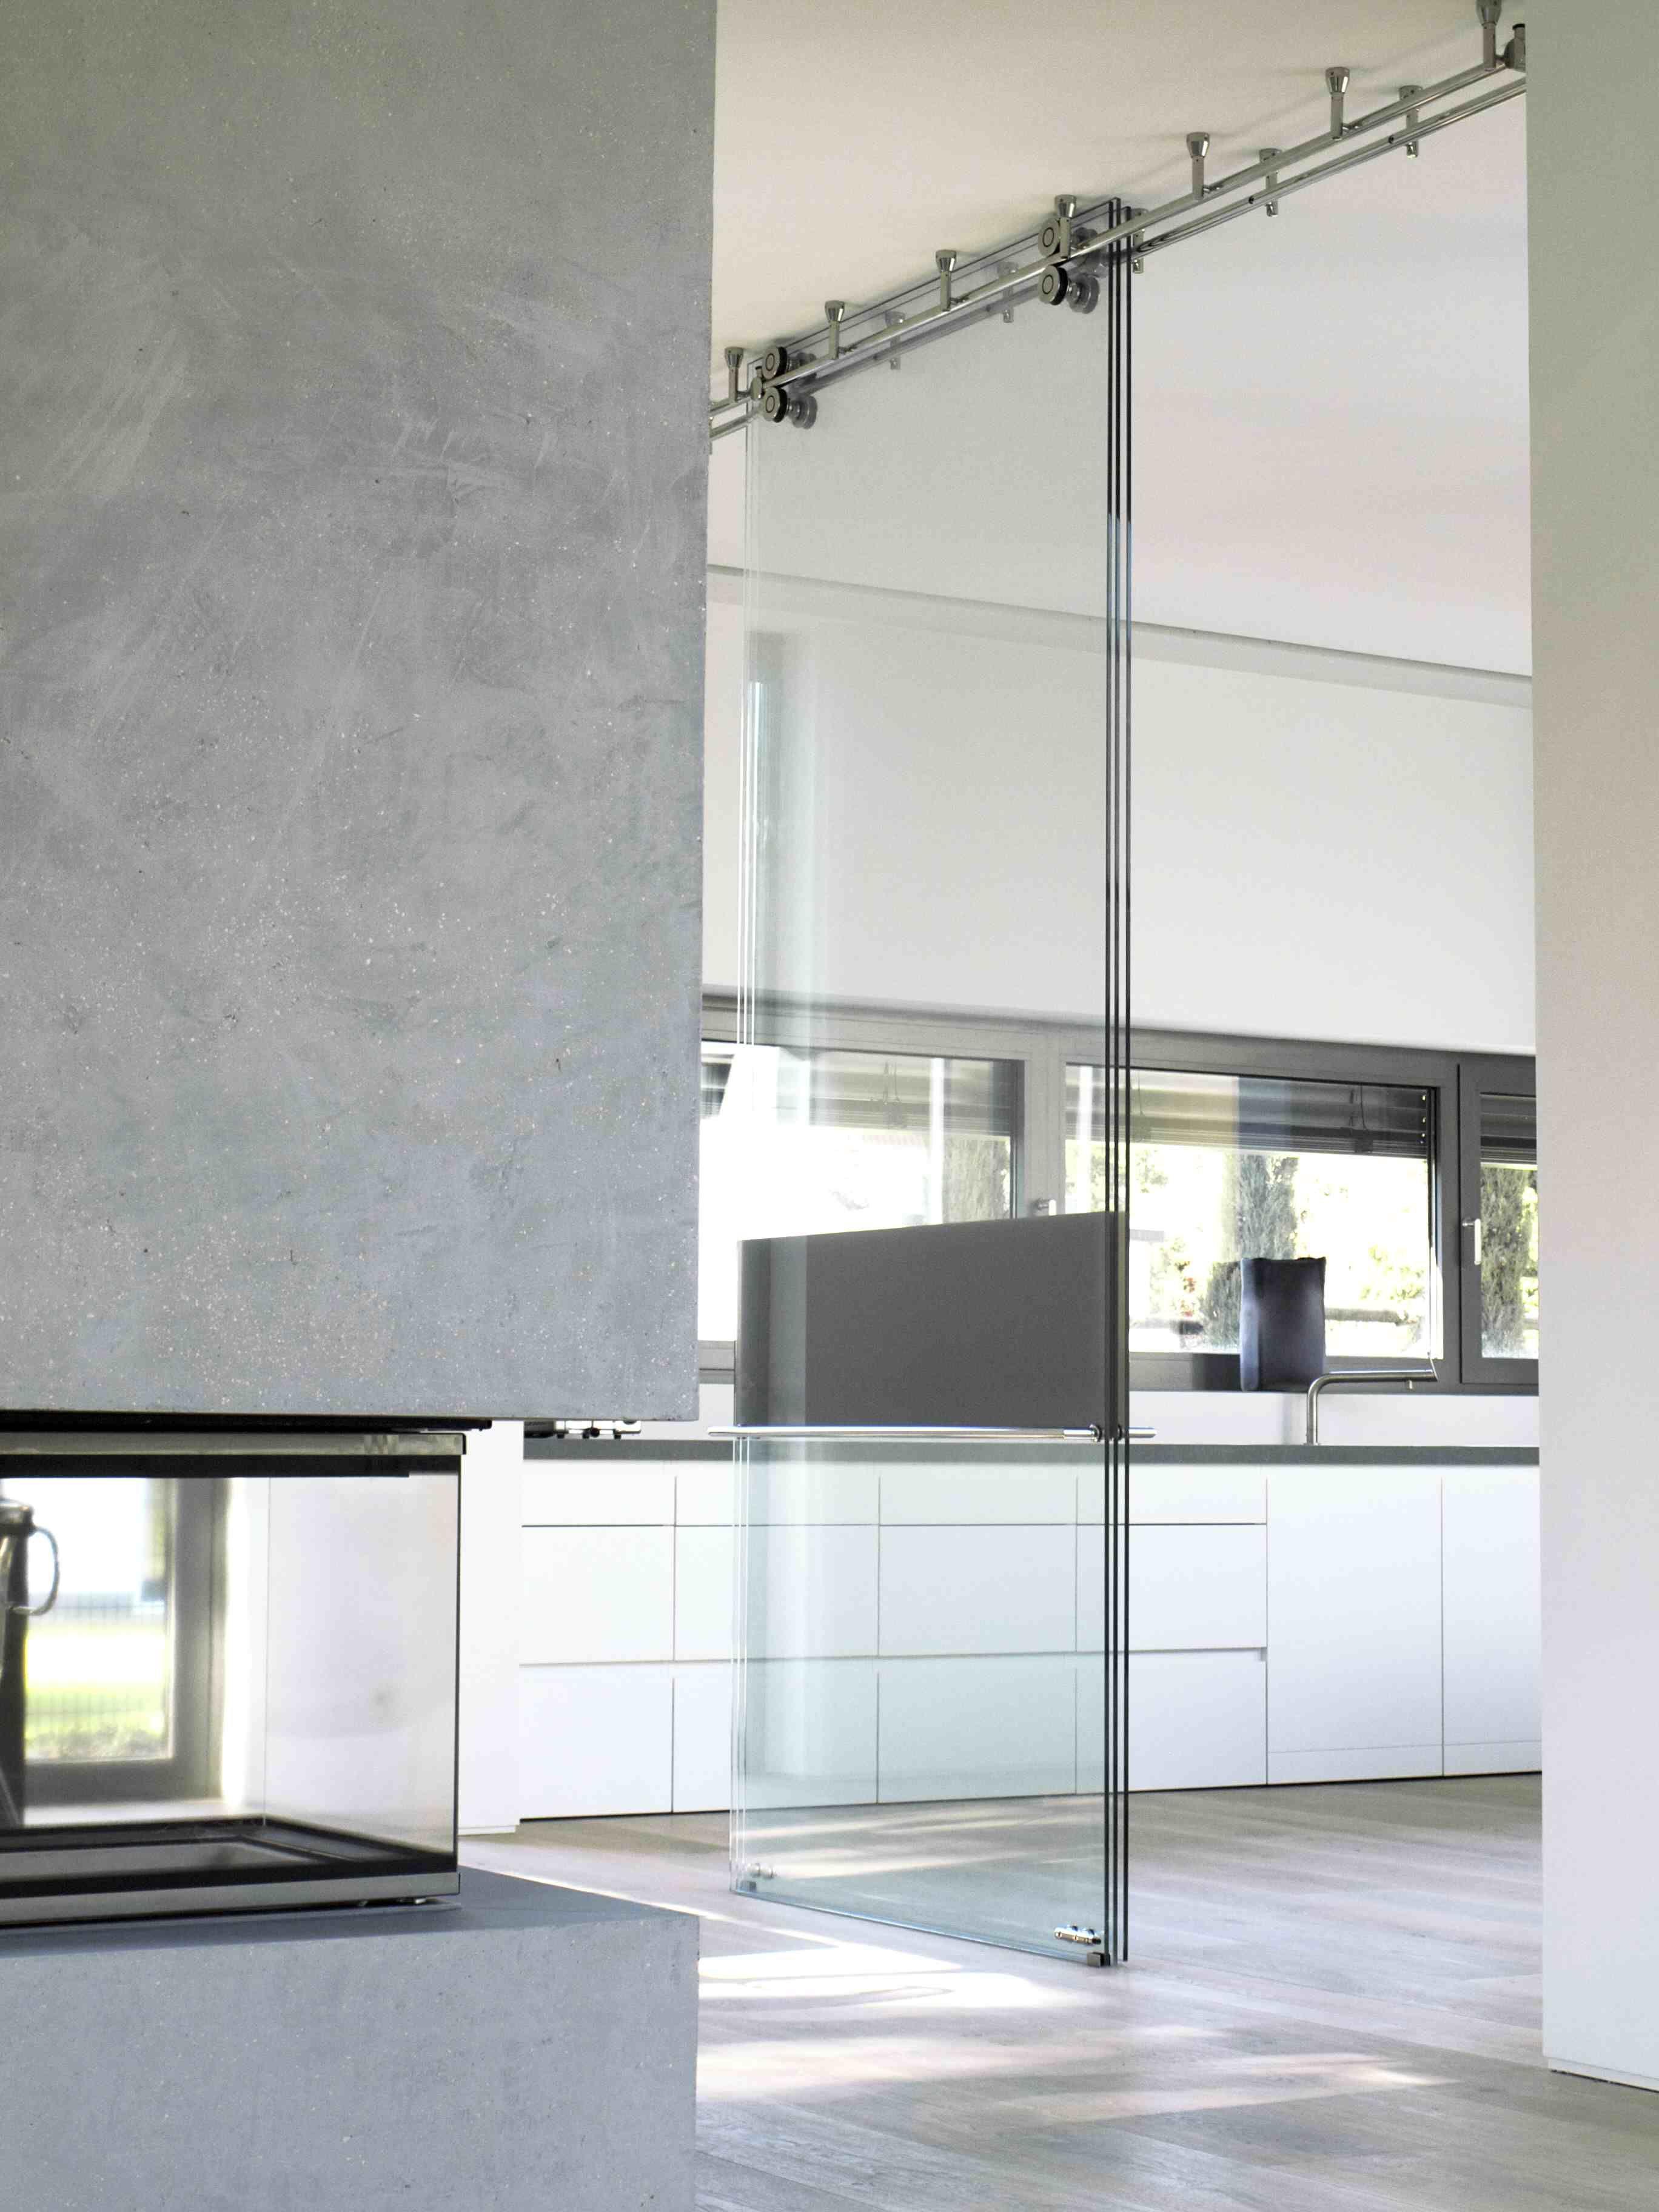 Bartels Türen produkte bartels türen gmbh interior design